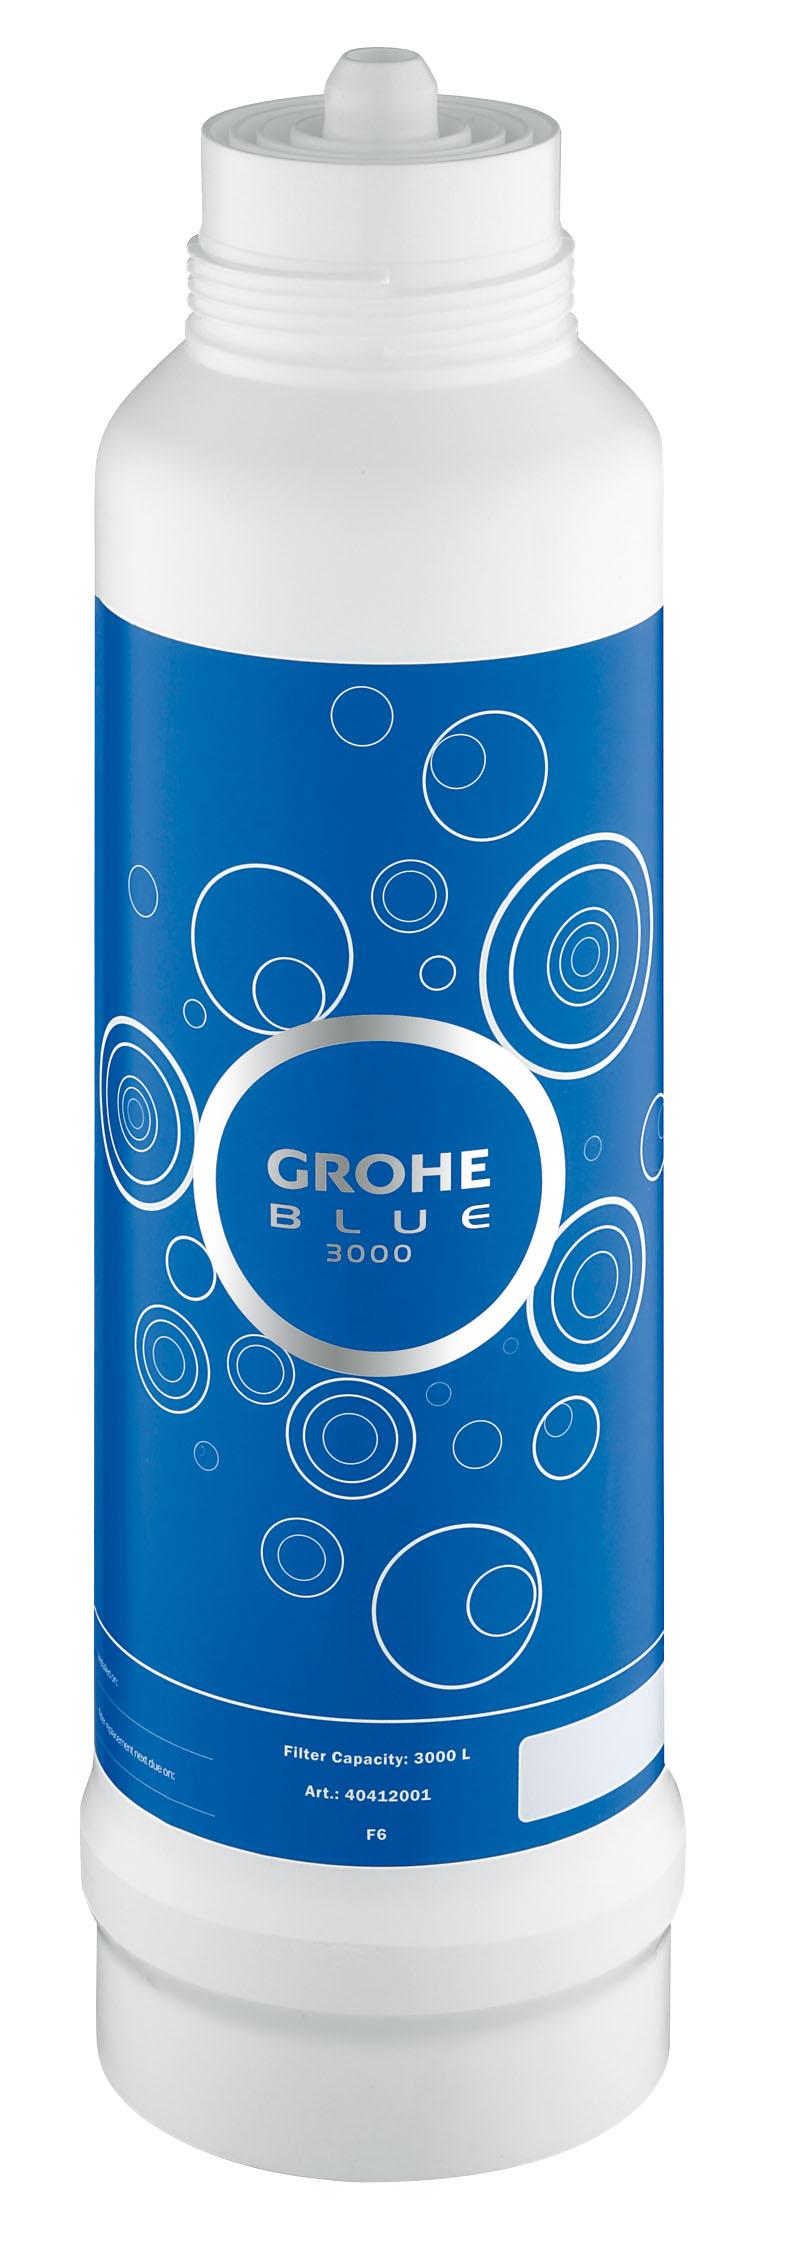 GROHE Blue. Cовершенный вкус питьевой воды. Вода – это не только самый ценный ресурс на планете, но и основа существования всего живого. Основой репутации компаний GROHE и BWT – европейских лидеров сферы водопользования – являются принципы безопасности, гигиеничности и высочайшие стандарты качества. Объединив свои наработки и опыт, мы создали принципиально новые системы подачи воды. Инновационные устройства серии GROHE Blue превращают водопроводную воду в чистейшую питьевую.Эту воду Вы будете с наслаждением использовать ежедневно. Фильтры GROHE Blue понижают содержание извести в водопроводной воде и превращают ее в приятную на вкус и пригодную для питья. Уникальная технология 5-ступенчатой фильтрации очищает воду от всех примесей, ухудшающих ее вкус и запах. В результате получается чистейшая вода – без тяжелых металлов, примесей, извести и хлора. Как работает фильтр GROHE Blue:   1) Предварительная фильтрация - предварительная грубая очистка от частиц, попадающих в воду при ее прохождении через систему водоснабжения, удерживает крупные частицы;  2) Предварительная фильтрация на основе активированного угля - вторая ступень предварительной фильтрации, очищающая воду от источников неприятного запаха и вкуса (например, хлора);  3) Ионообменный фильтр - прохождение воды через высокопроизводительный ионообменник, понижающий содержание извести и тяжелых металлов. Смягчает воду, снижая карбонатную жесткость, и связывает ионы тяжелых металлов, таких как свинец и медь;  4) Фильтр из активированного угля - фильтрация на основе активированного угля устраняет неприятный вкус, придаваемый воде хлором и органическими примесями;  5) Фильтр тонкой очистки - удерживает частицы величиной до 10 микрон.  Комплект поставкии:   BWT фильтр для GROHEBlue  Объем 3000 л  Для использования с головкой фильтра GROHE Blue 64 508 001   Видео по установке является исключительно информационным. Установка должна проводиться профессионалами!